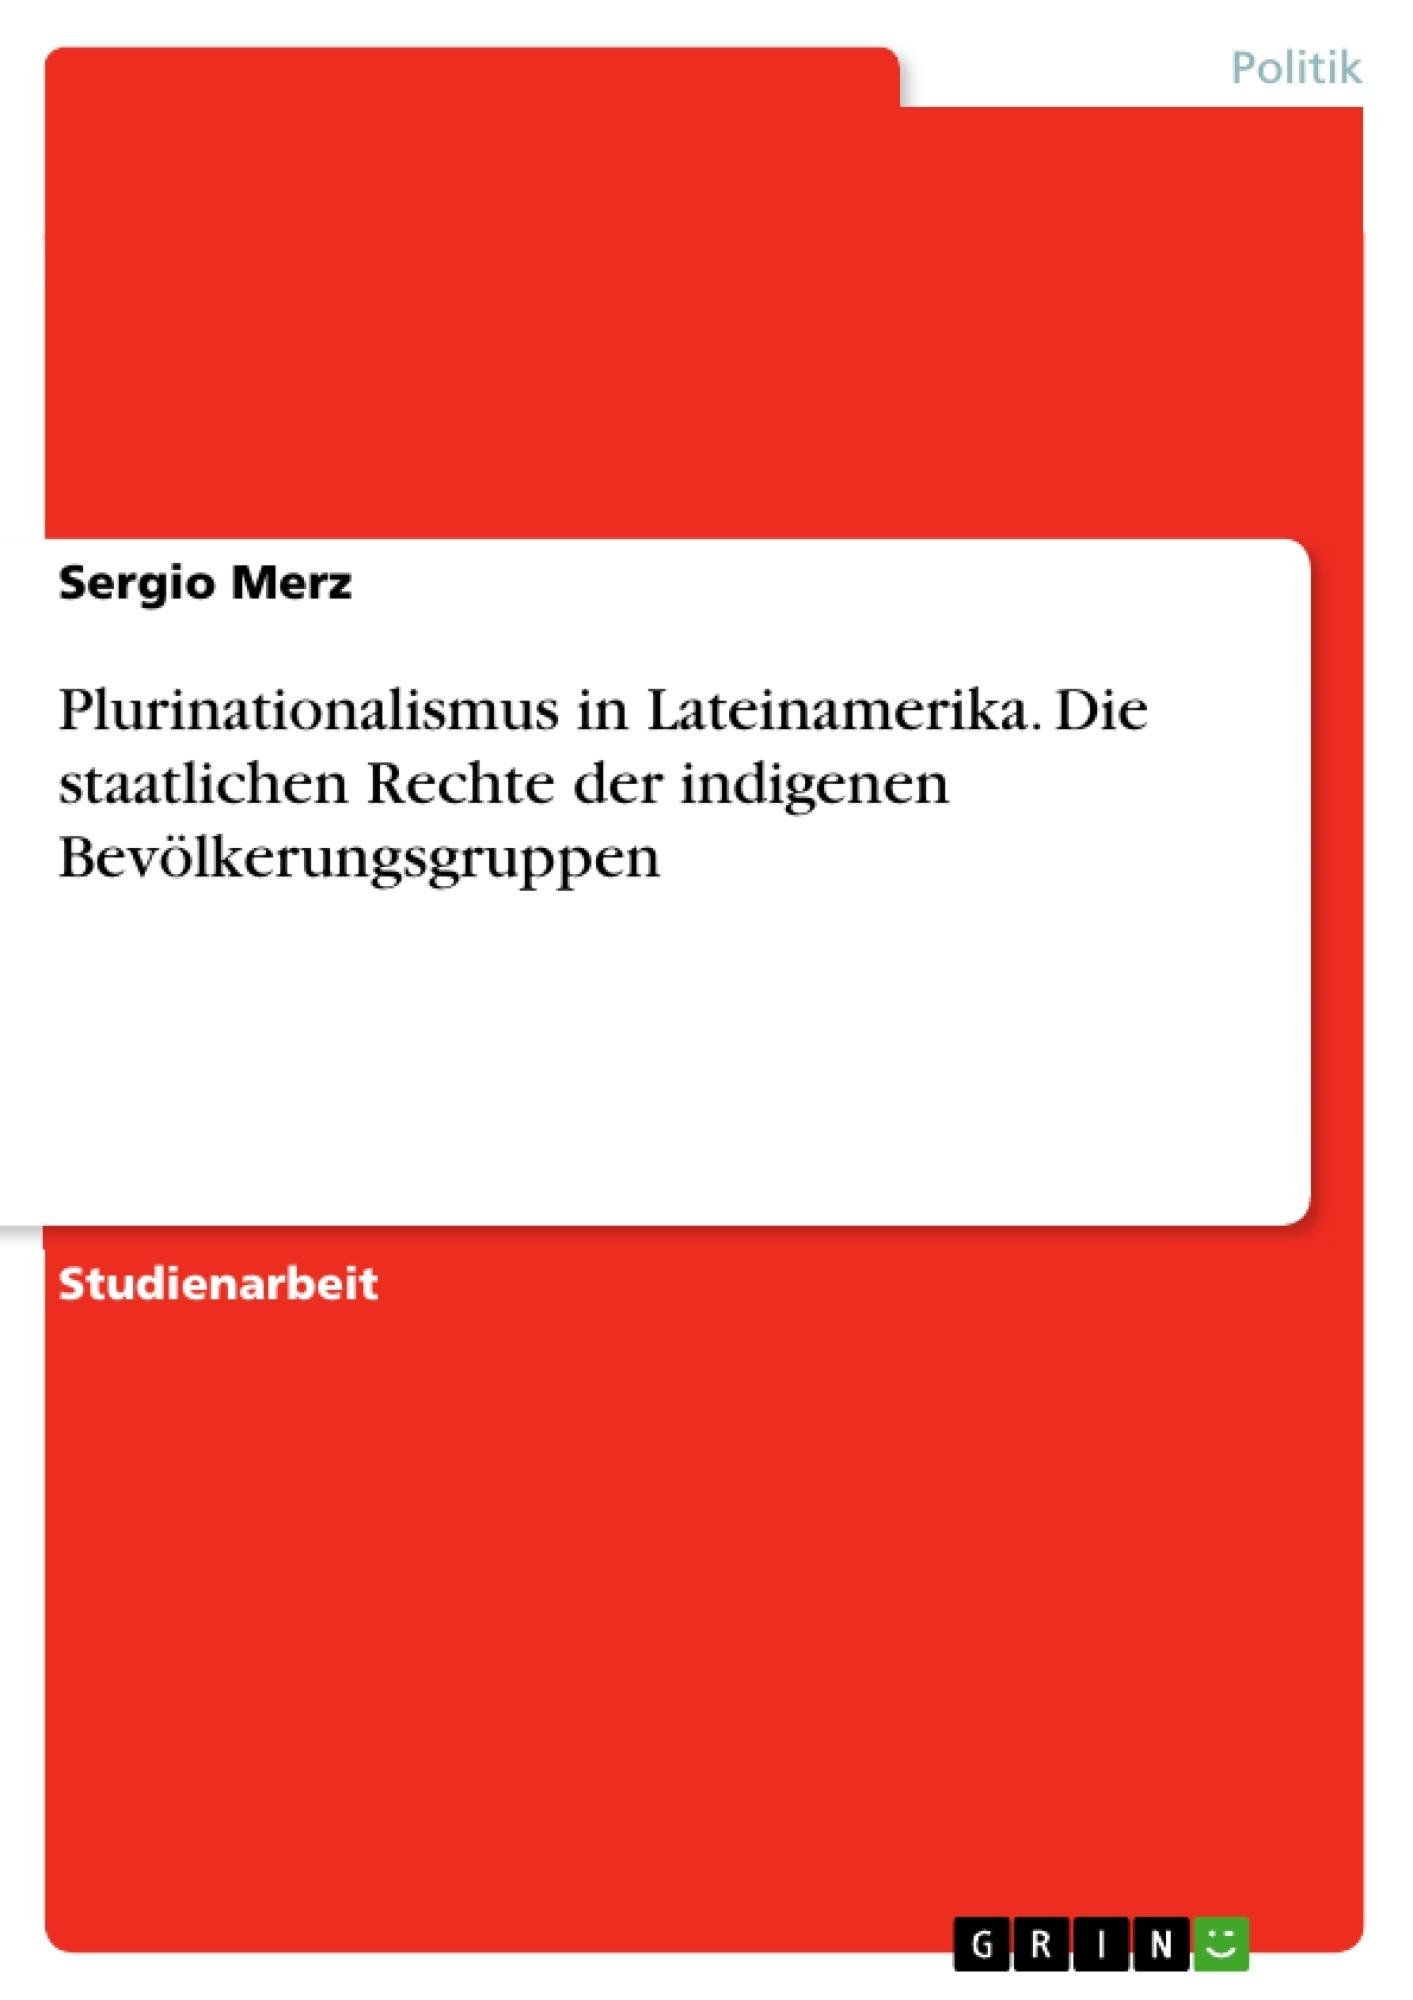 Titel: Plurinationalismus in Lateinamerika. Die staatlichen Rechte der indigenen Bevölkerungsgruppen